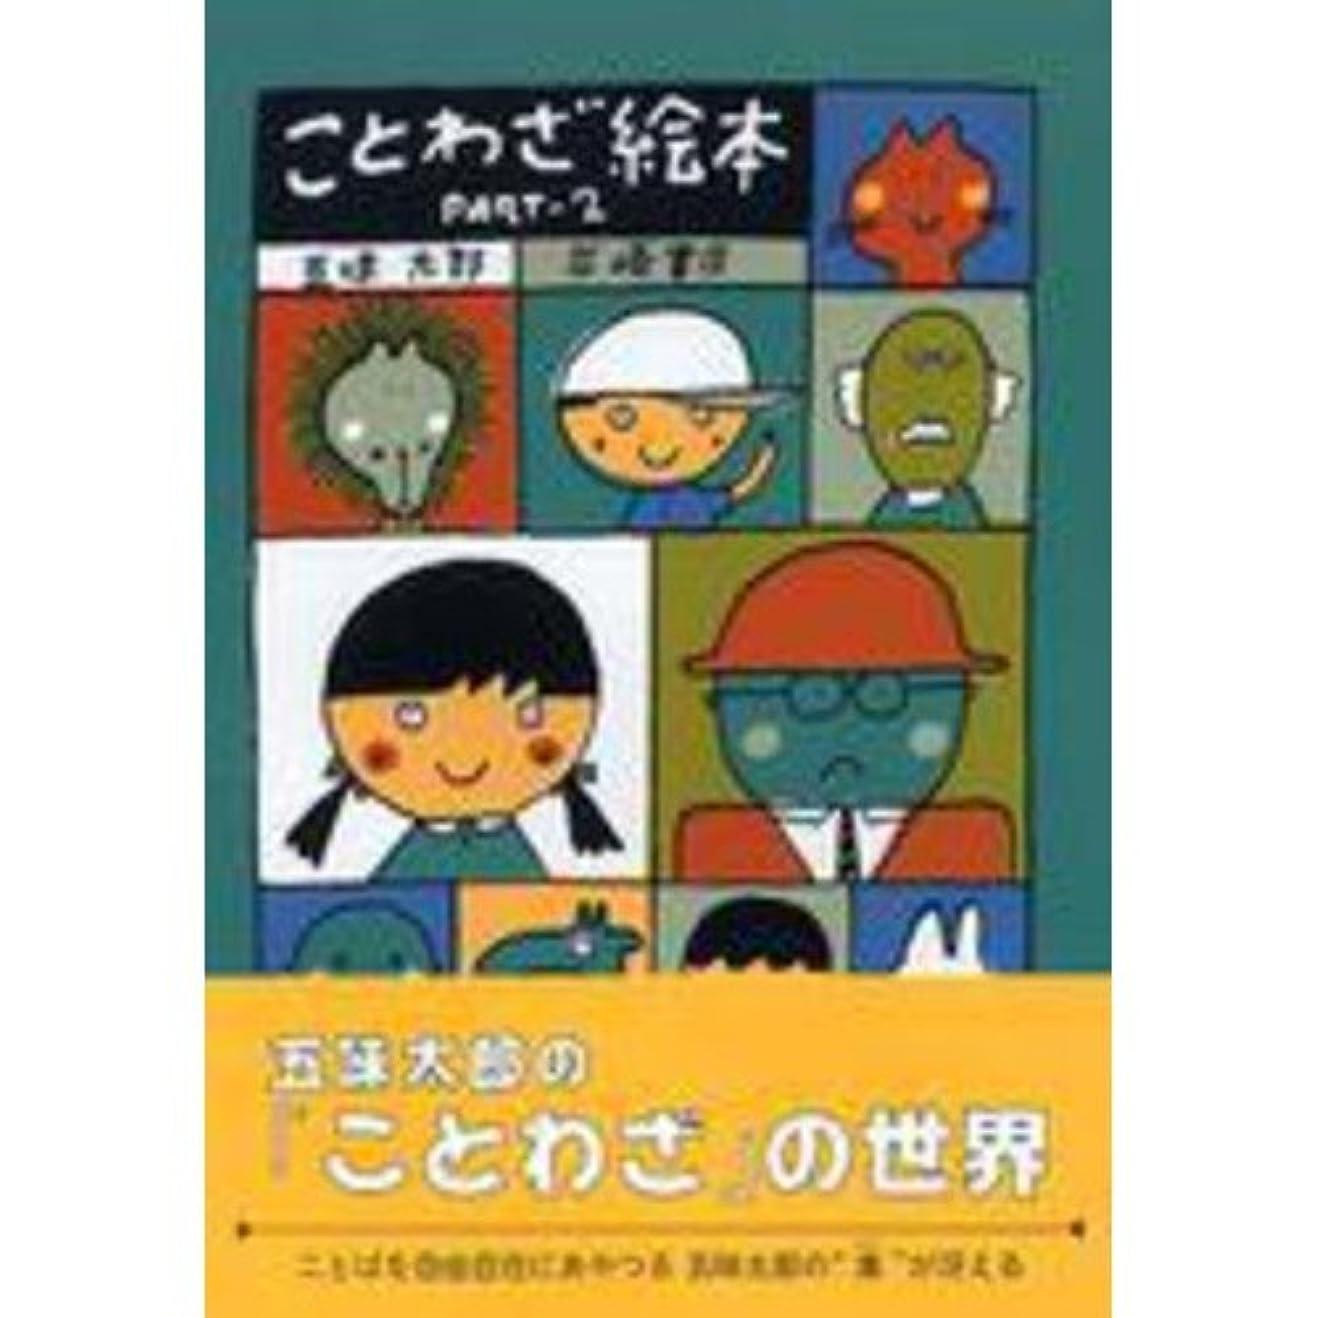 唇署名ハイブリッド岩崎書店 ことわざ絵本 PART2 A5判